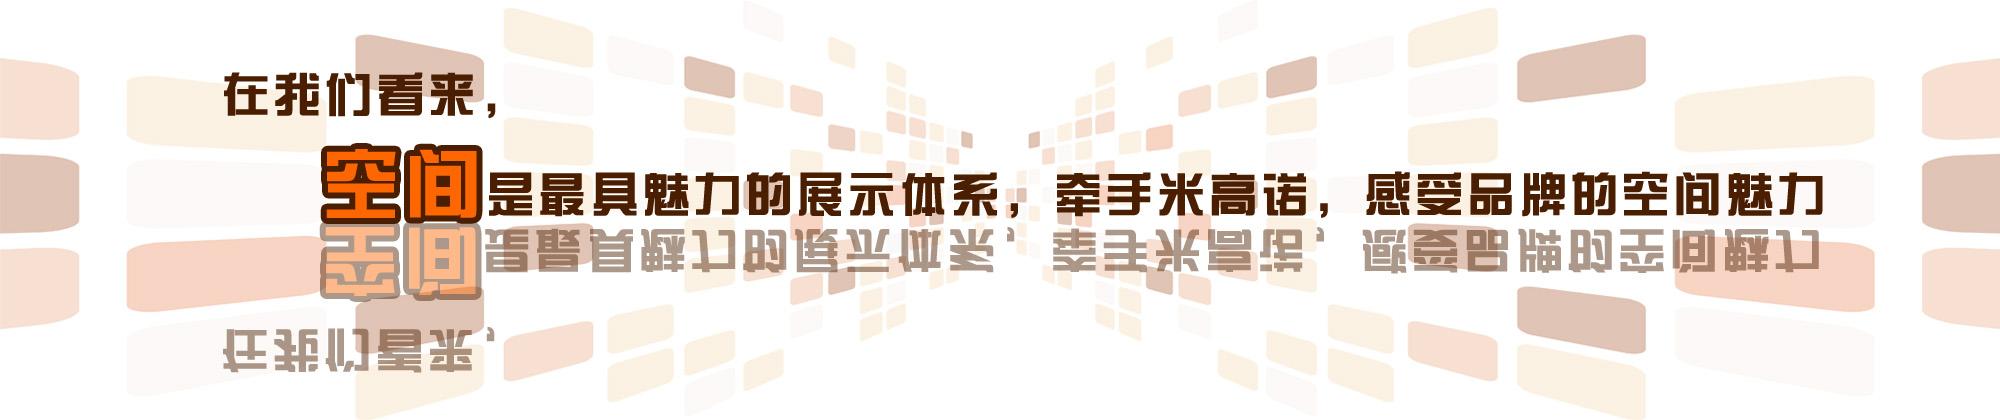 长沙展览公司/展台设计/制作/搭建/工程/特装设计-长沙米高诺展示工程有限公司